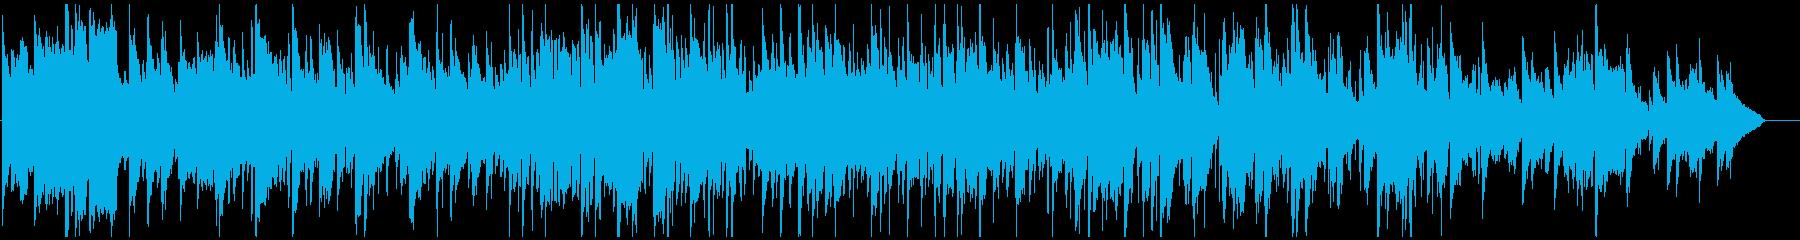 ドリームポップ風味なサックスとピアノの再生済みの波形